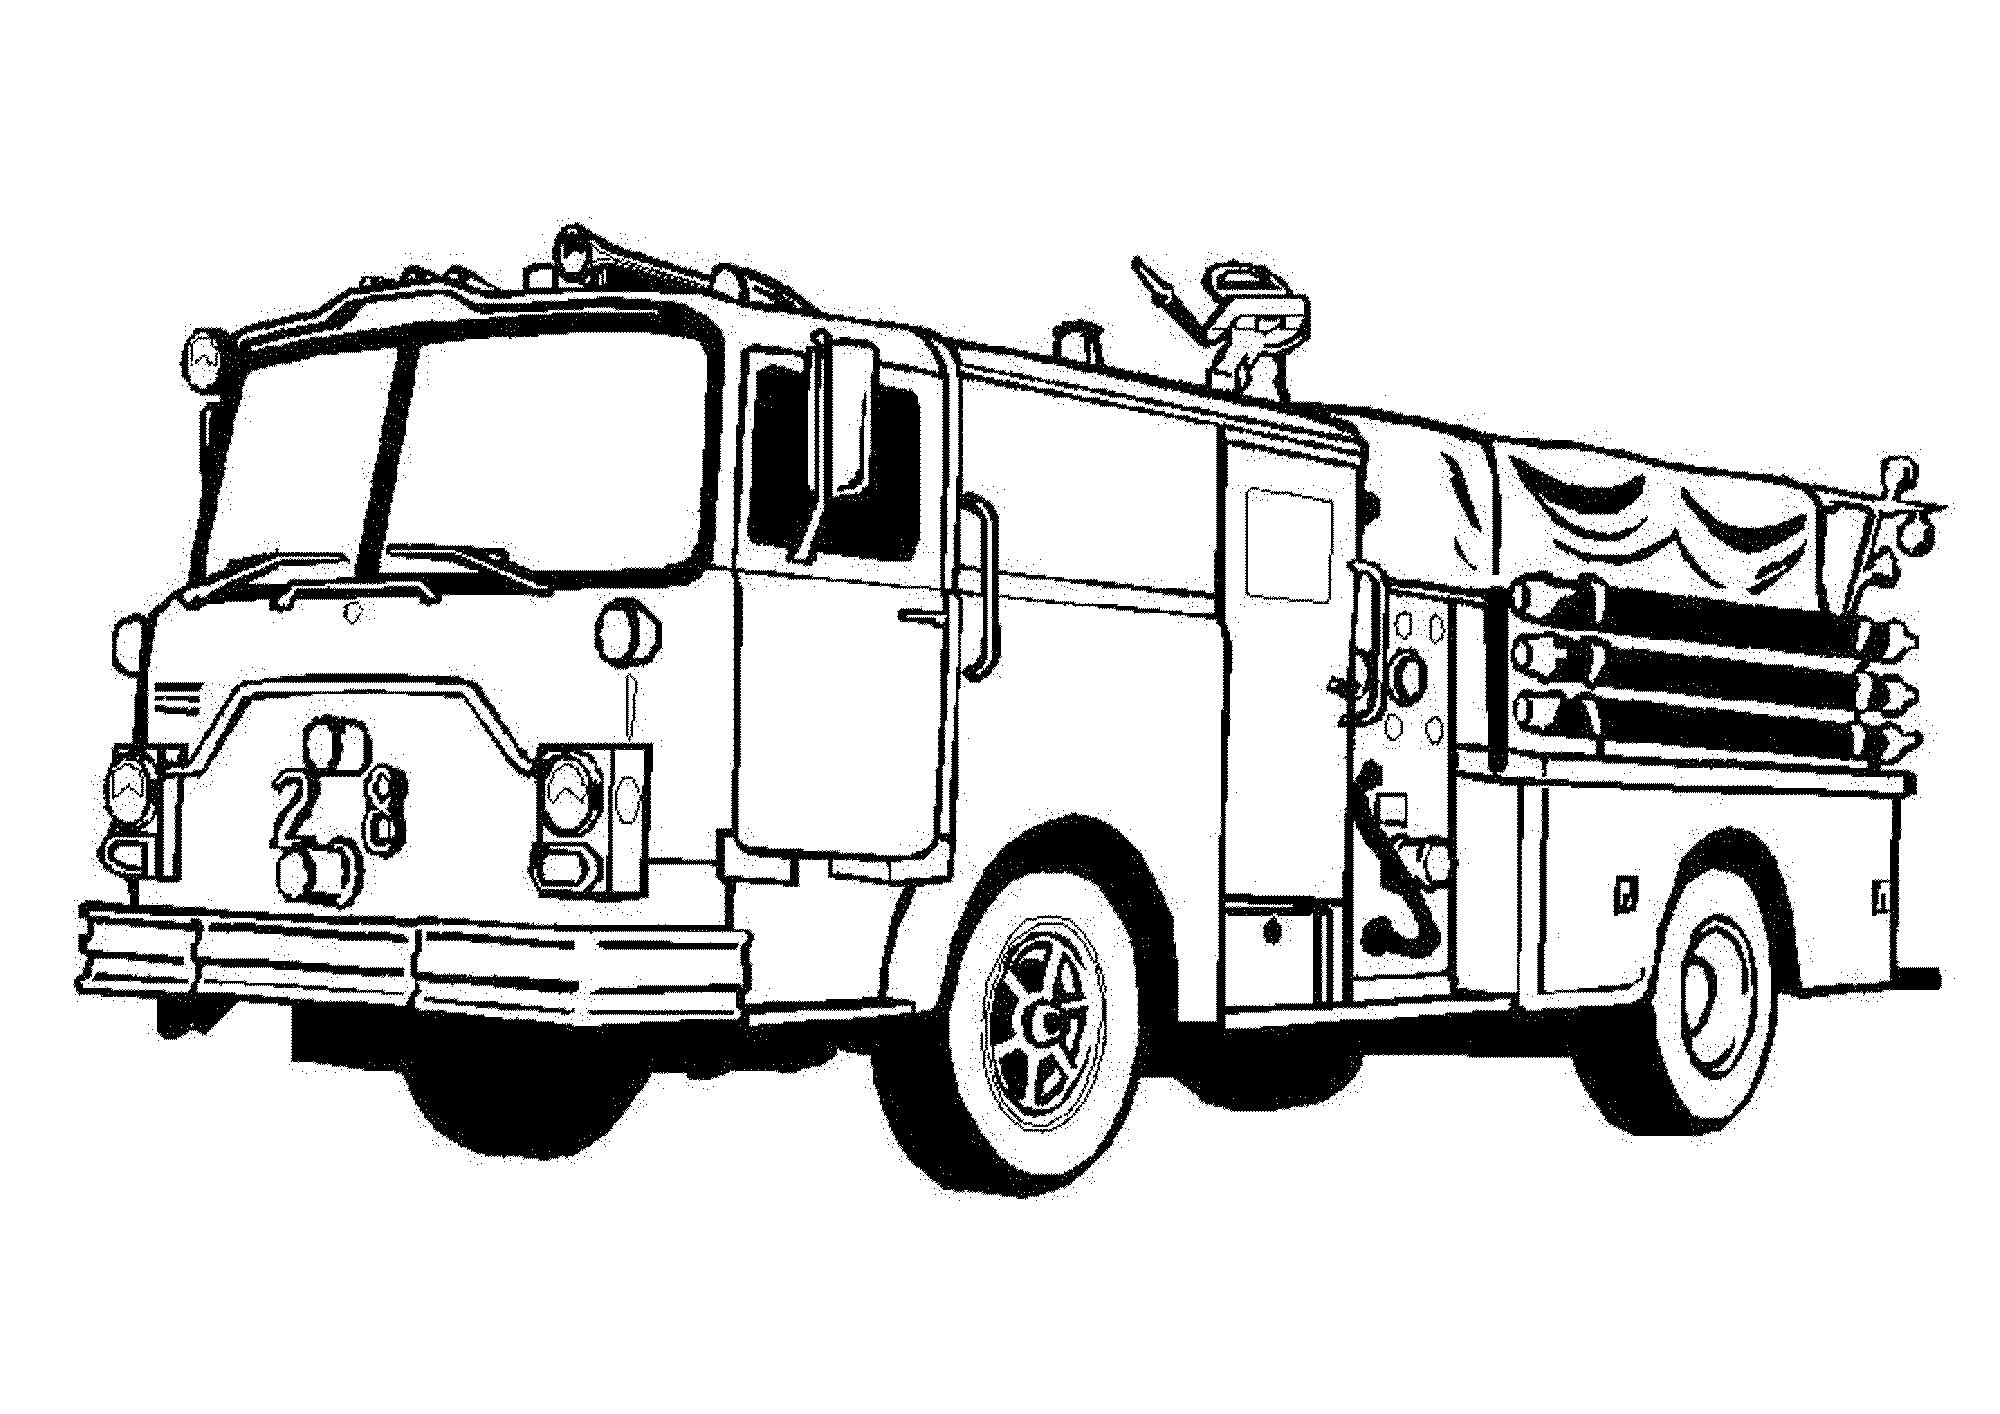 Fire Truck Cartoon Images